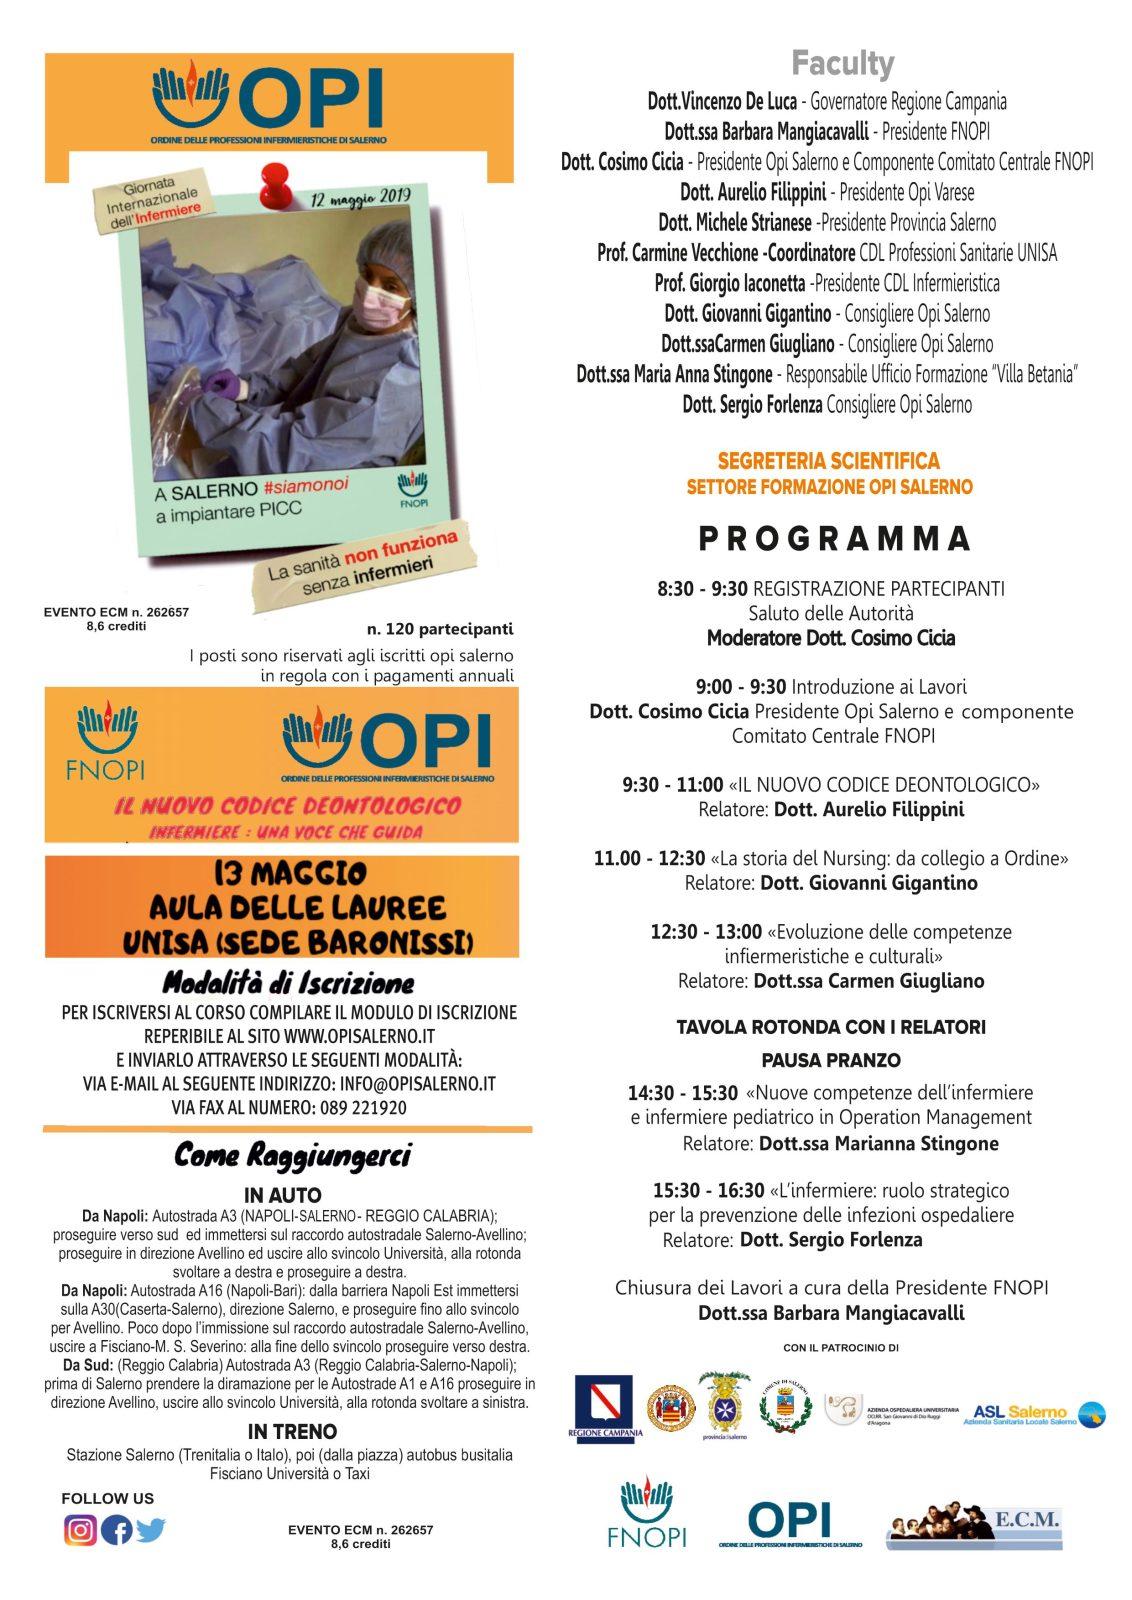 """Opi Salerno celebra la """"Giornata Internazionale dell'Infermiere"""" con un evento formativo 1"""